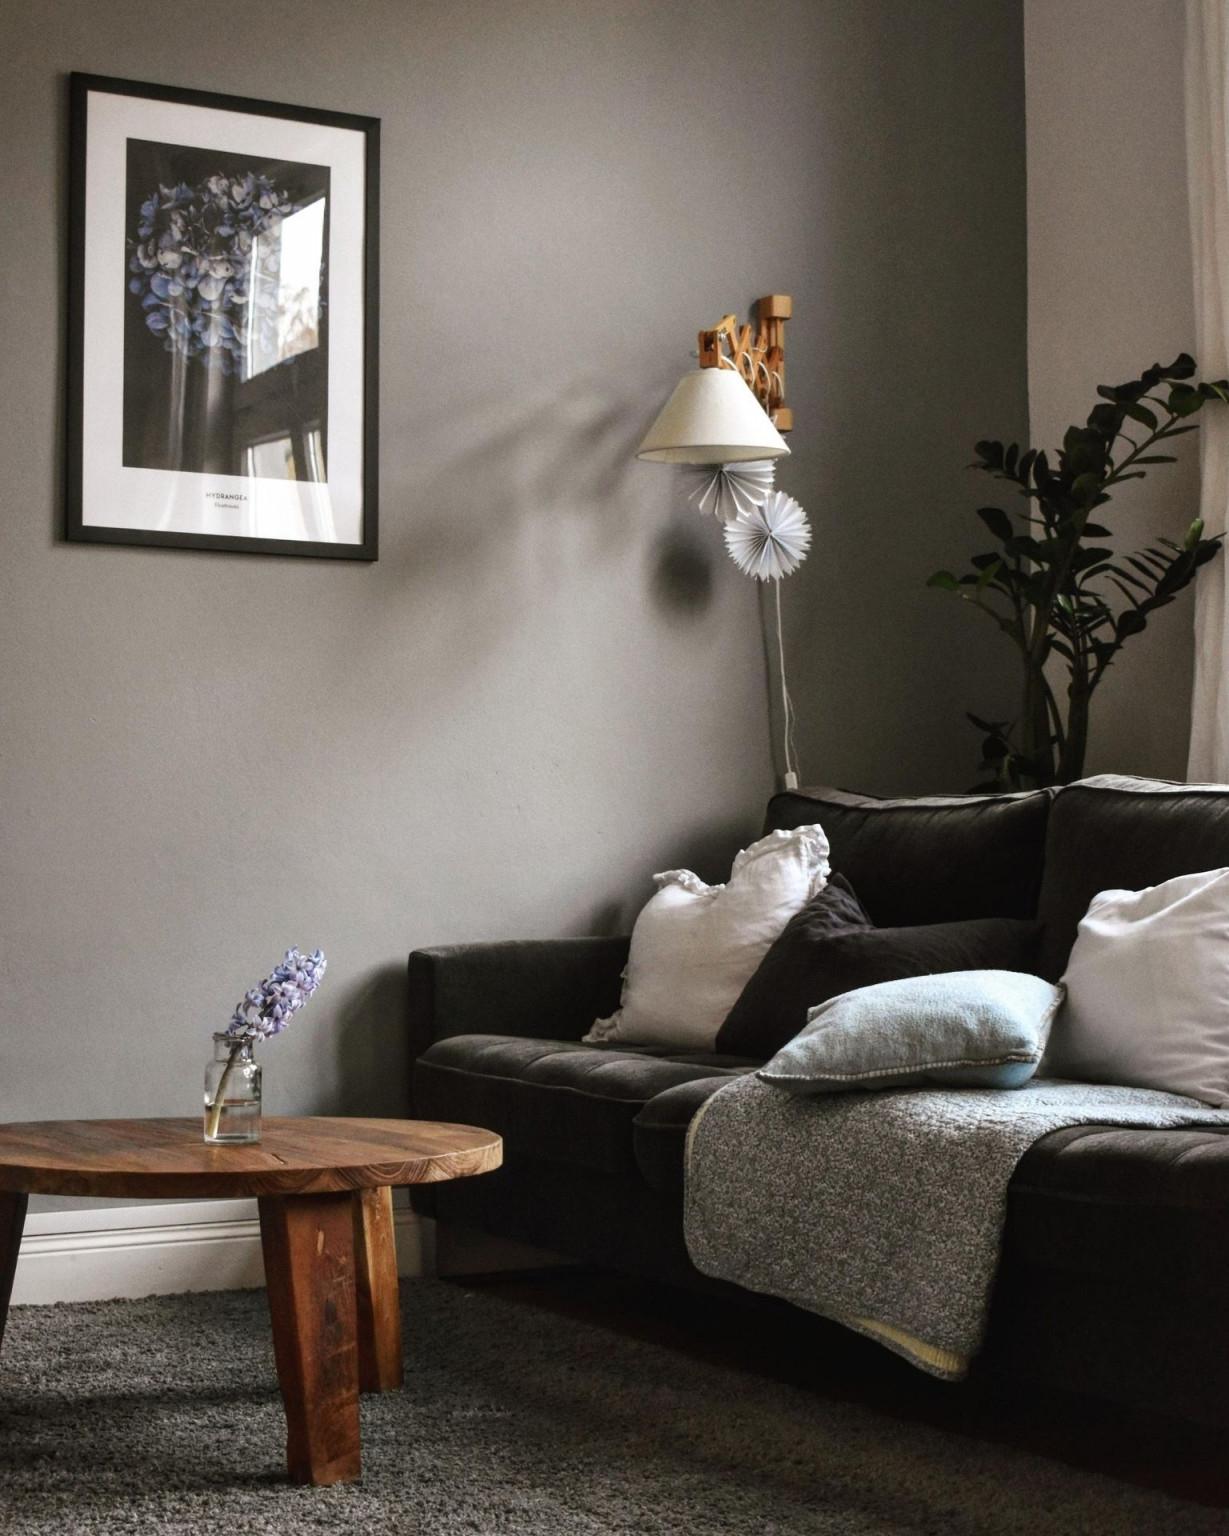 Wohnzimmer  Ideen Und Bilder Bei Couch In 2020 von Sofa Ideen Wohnzimmer Bild